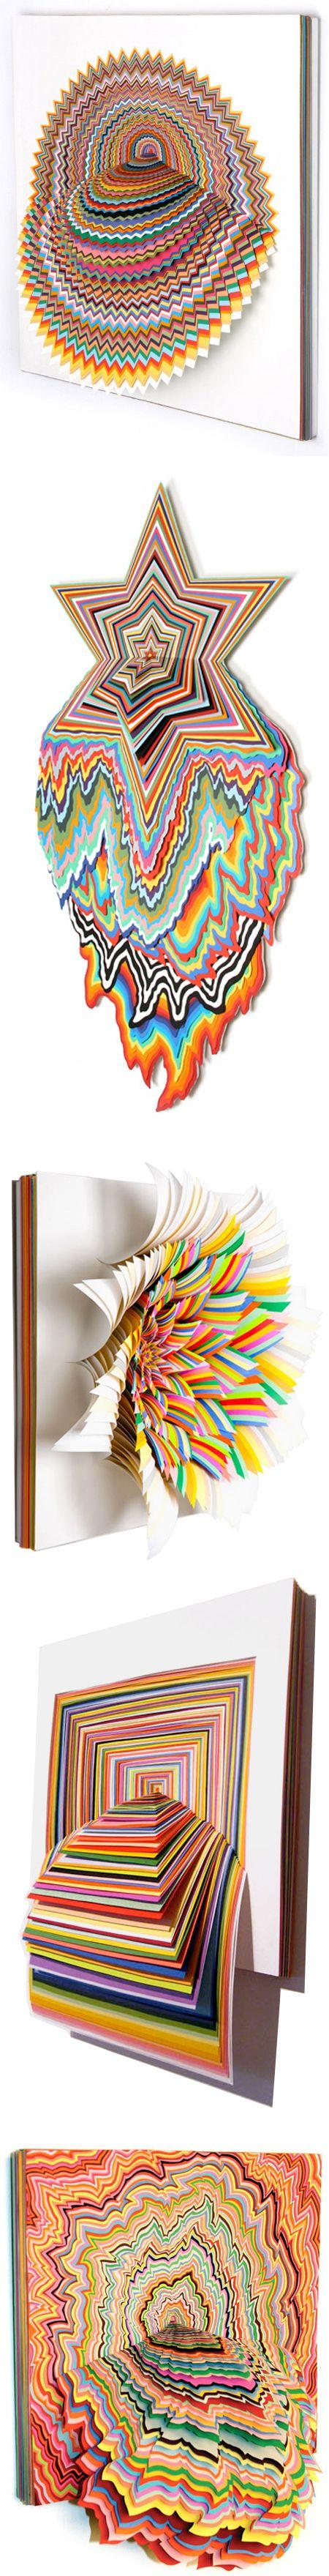 Jen Stark paper artPaper Cut, Amazing Paper, Stark Paper, Jennings Stark, Paper Art, Jennings Startk, Paper Sculptures, Cut Paper, Book Projects